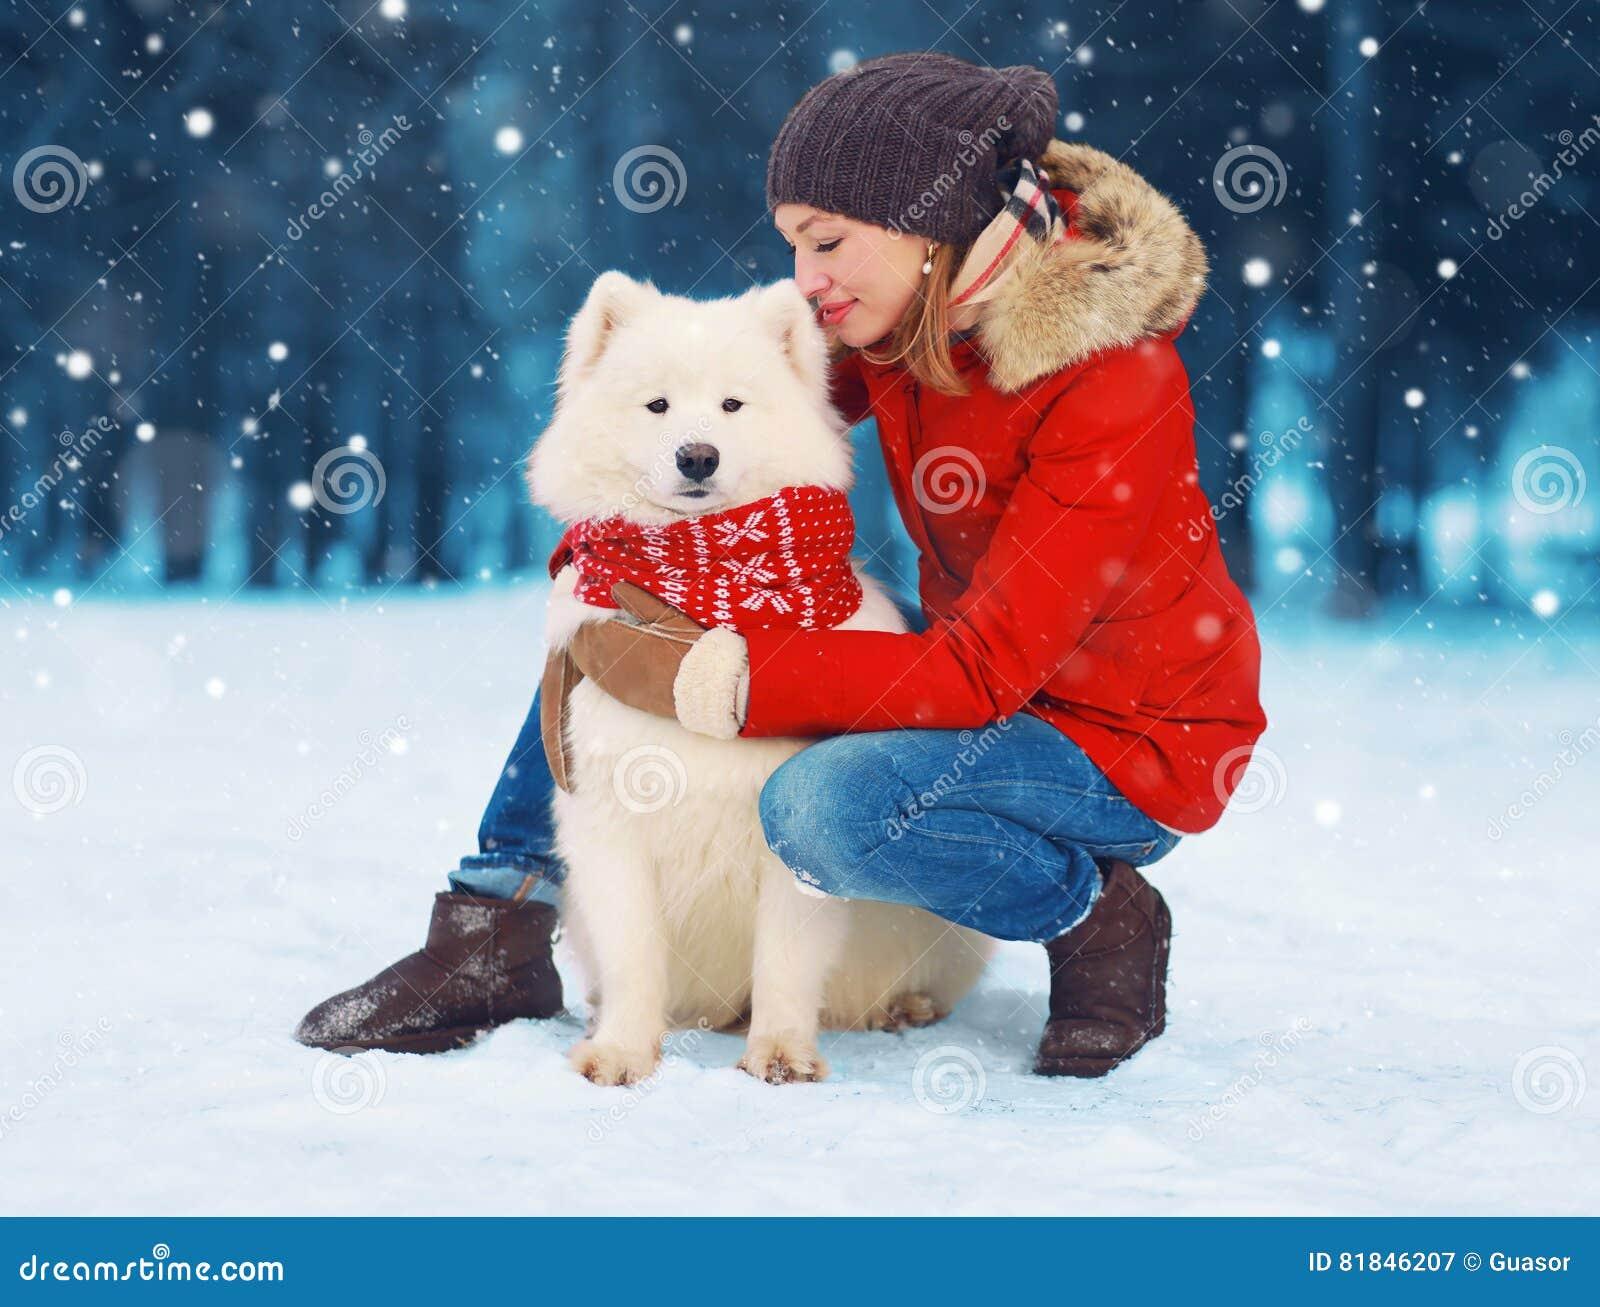 Bożenarodzeniowy szczęśliwy młoda kobieta właściciel migdali obejmujący białego Samoyed psa na śniegu w zimie nad płatkami śniegu